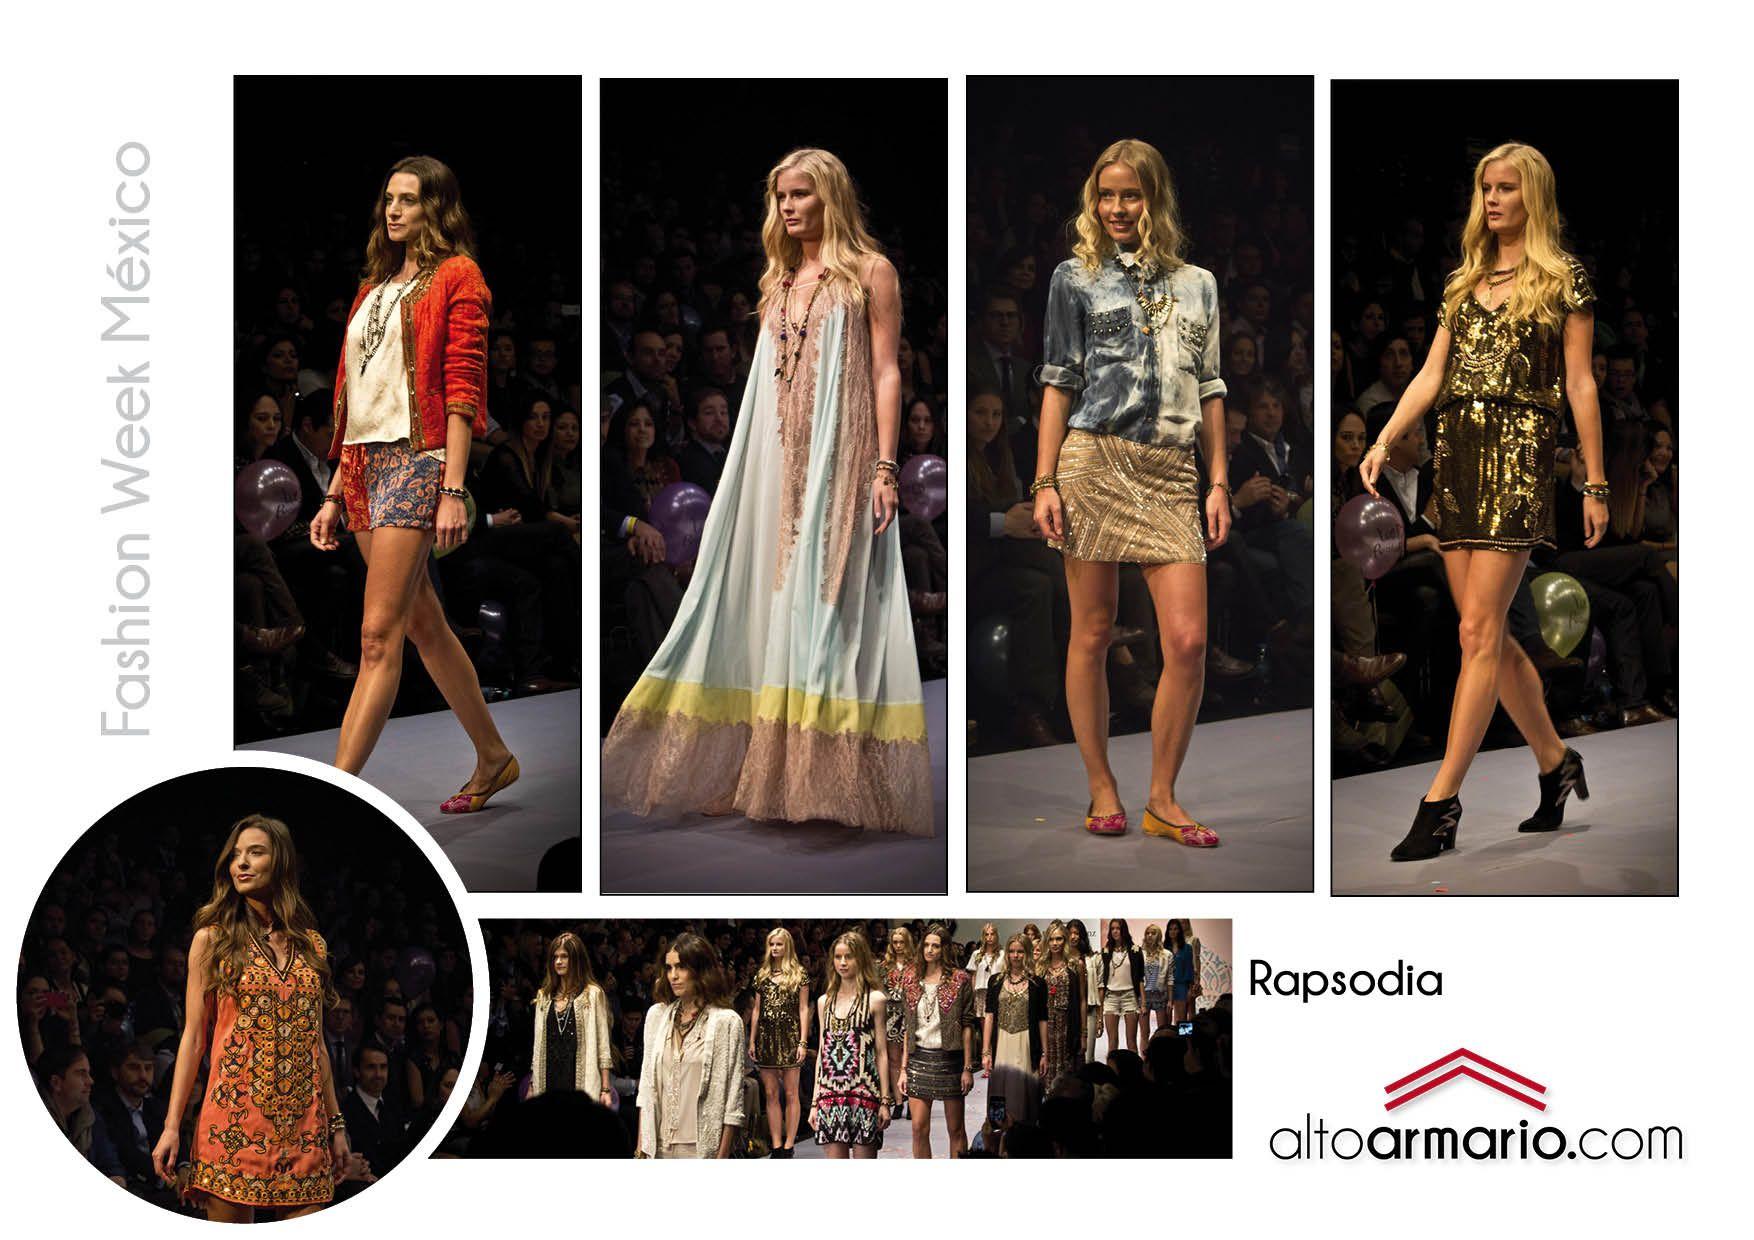 Rapsodia PV 2014 www.altoarmario.com